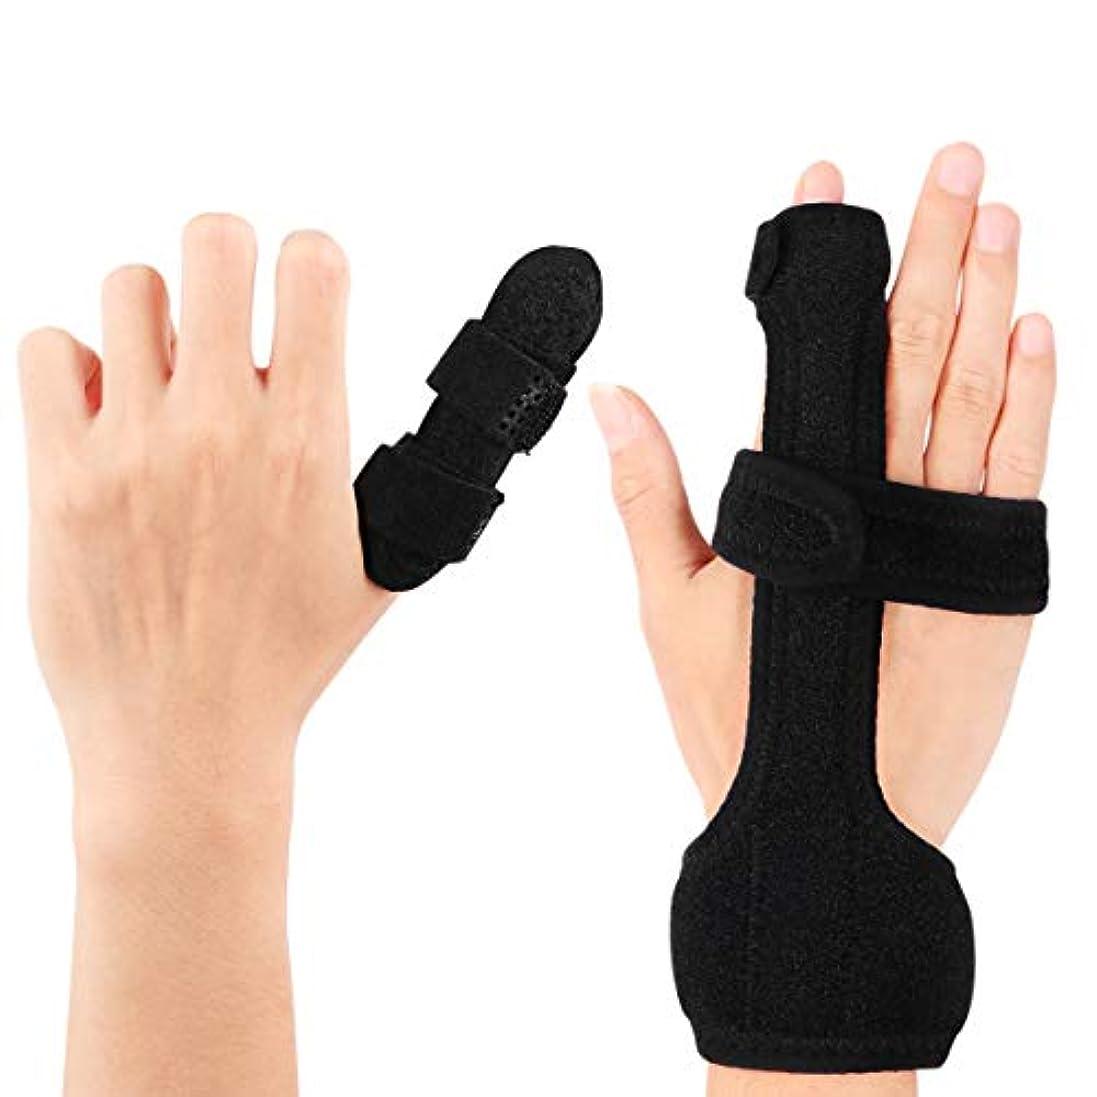 放射性声を出して木曜日Healifty トリガーフィンガースプリントフィンガーブレースハンドスプリントフィンガーサポート、固定ベルトによる指の痛みを軽減します(黒)